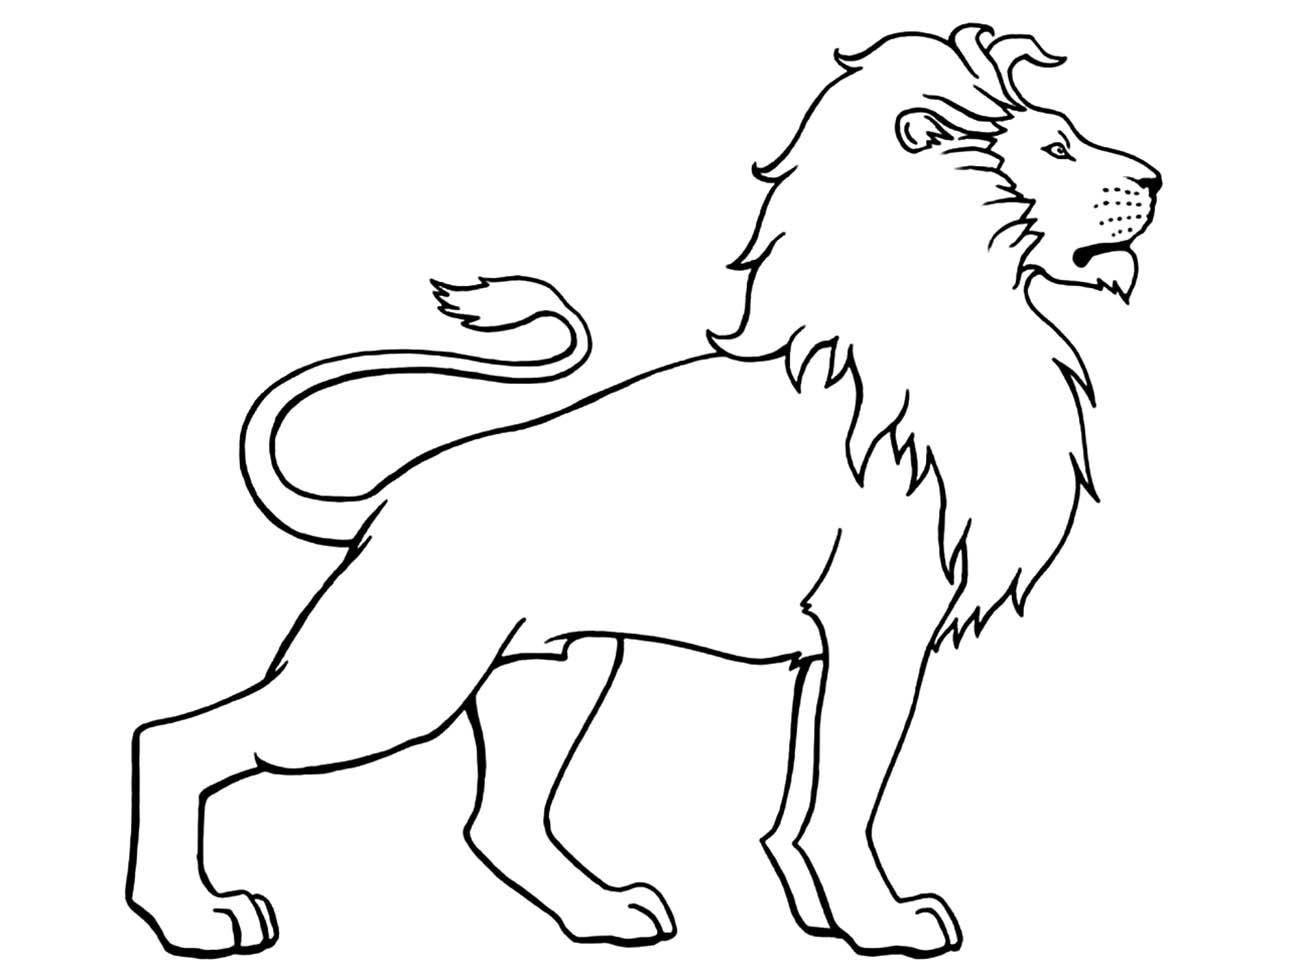 Tranh tô màu con sư tử 4